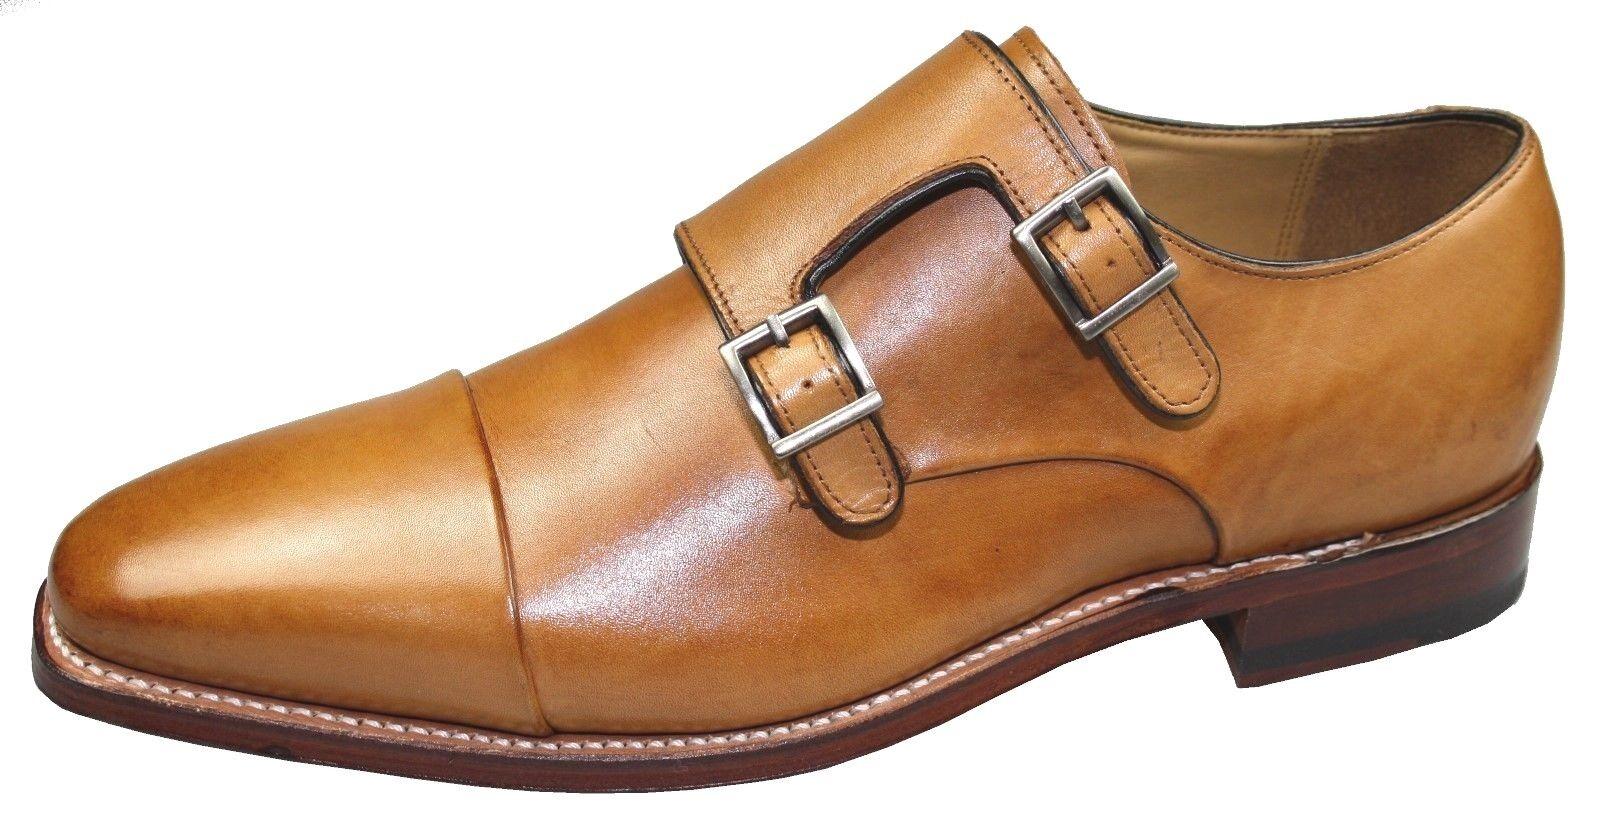 Gordon & Bros. 4924 4924 4924 Lucquin rahmengenähte Schuhe Double Strap Monk, tan bc5